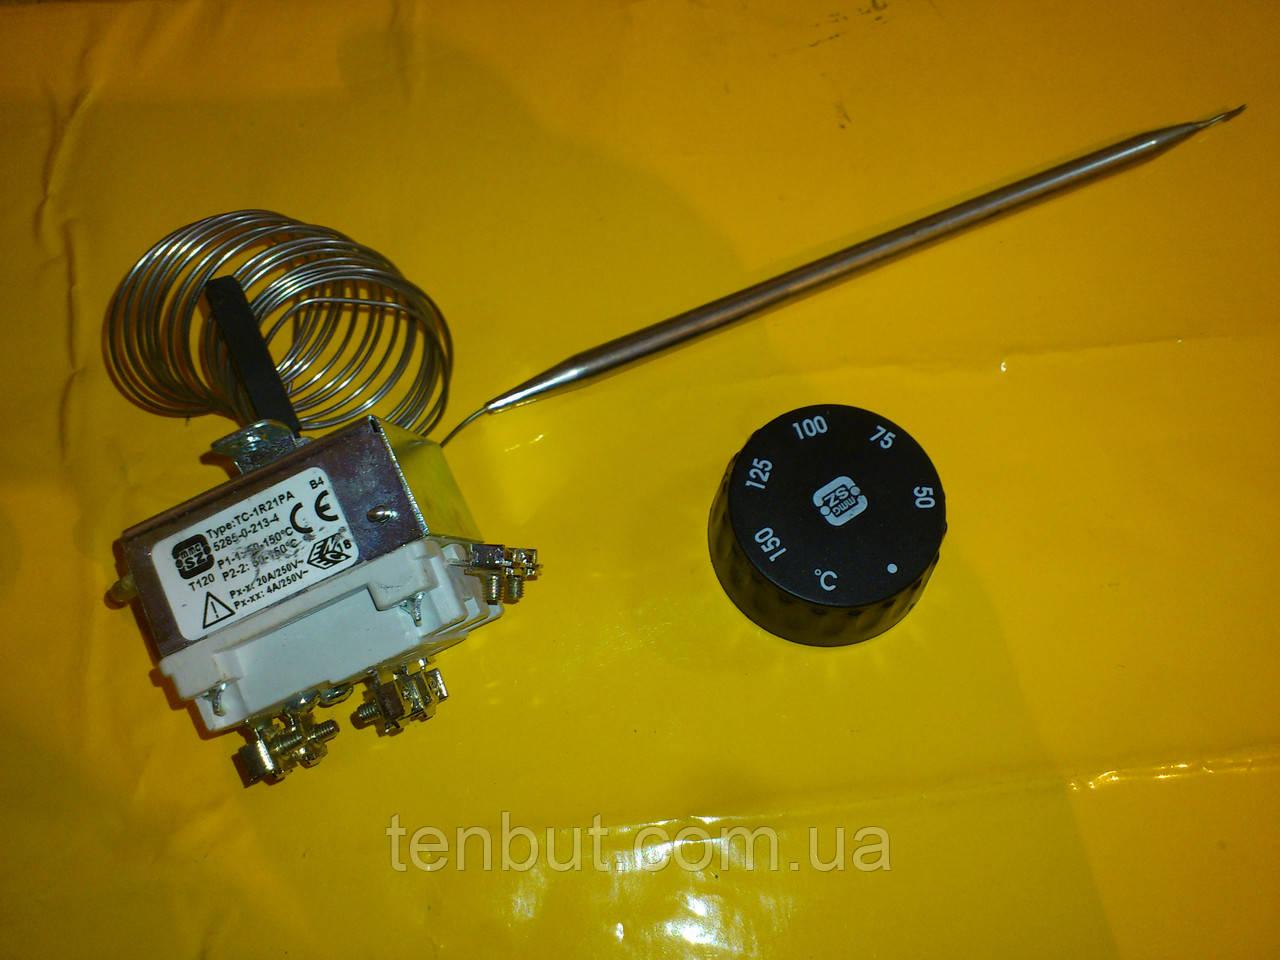 Терморегулятор MMG - 150 ℃ / 2-х полюсный аналог Т-32М  капилярный 2.2 м. производство Венгрия